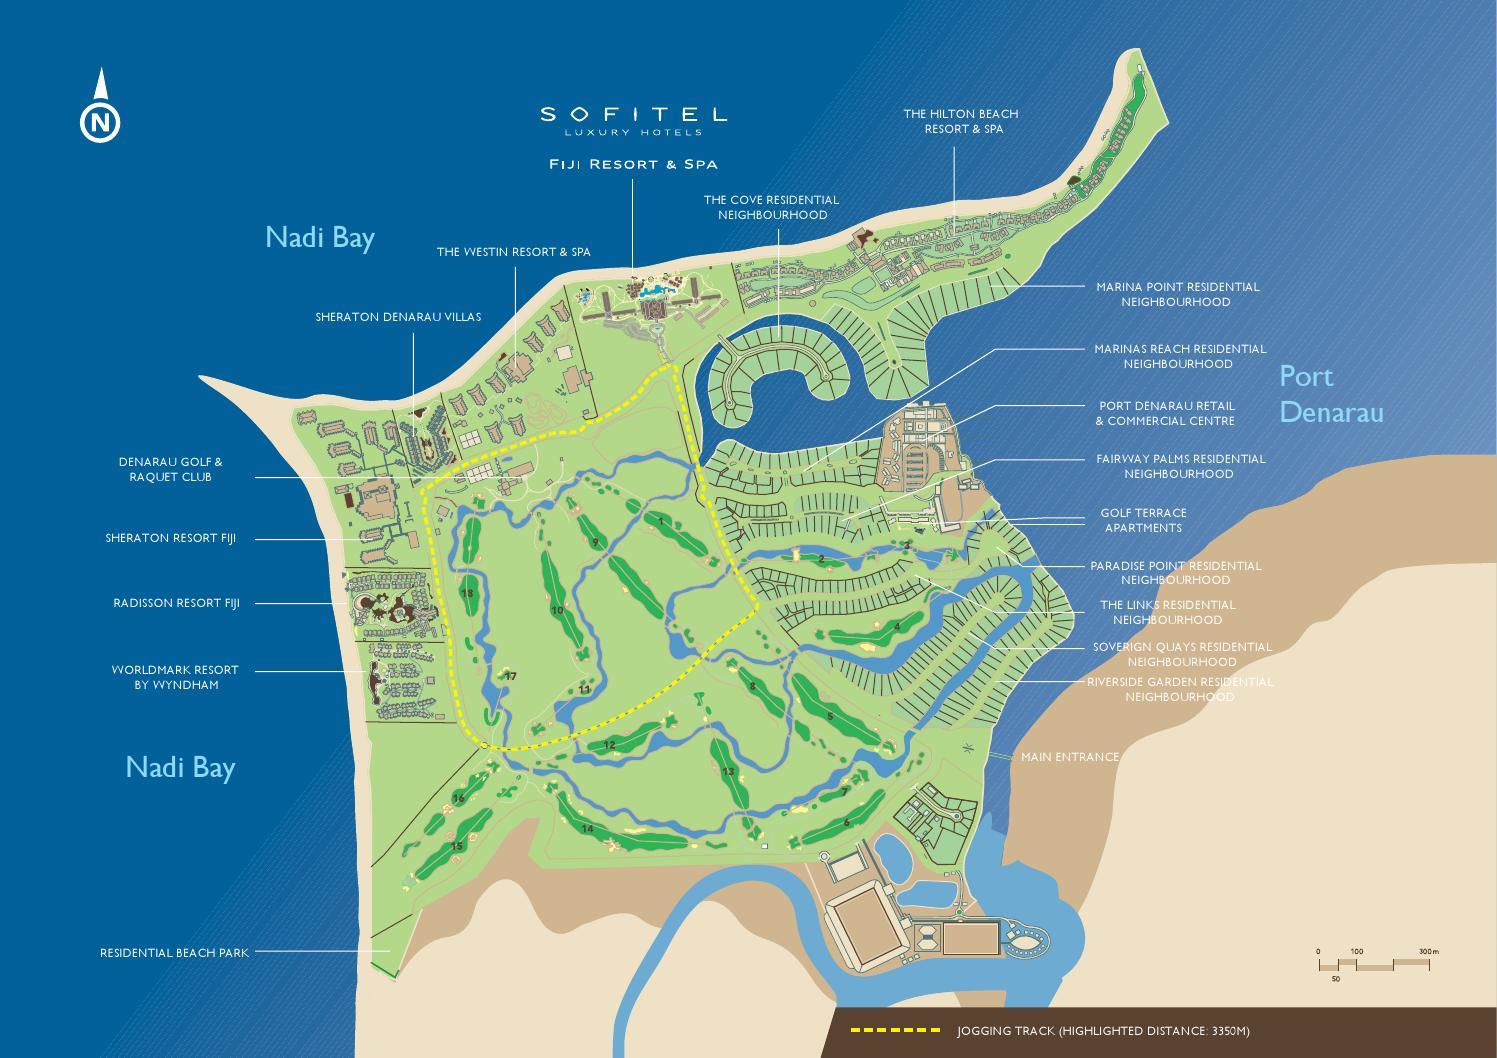 Sofitel fiji resort spa map by sofitel fiji issuu gumiabroncs Gallery